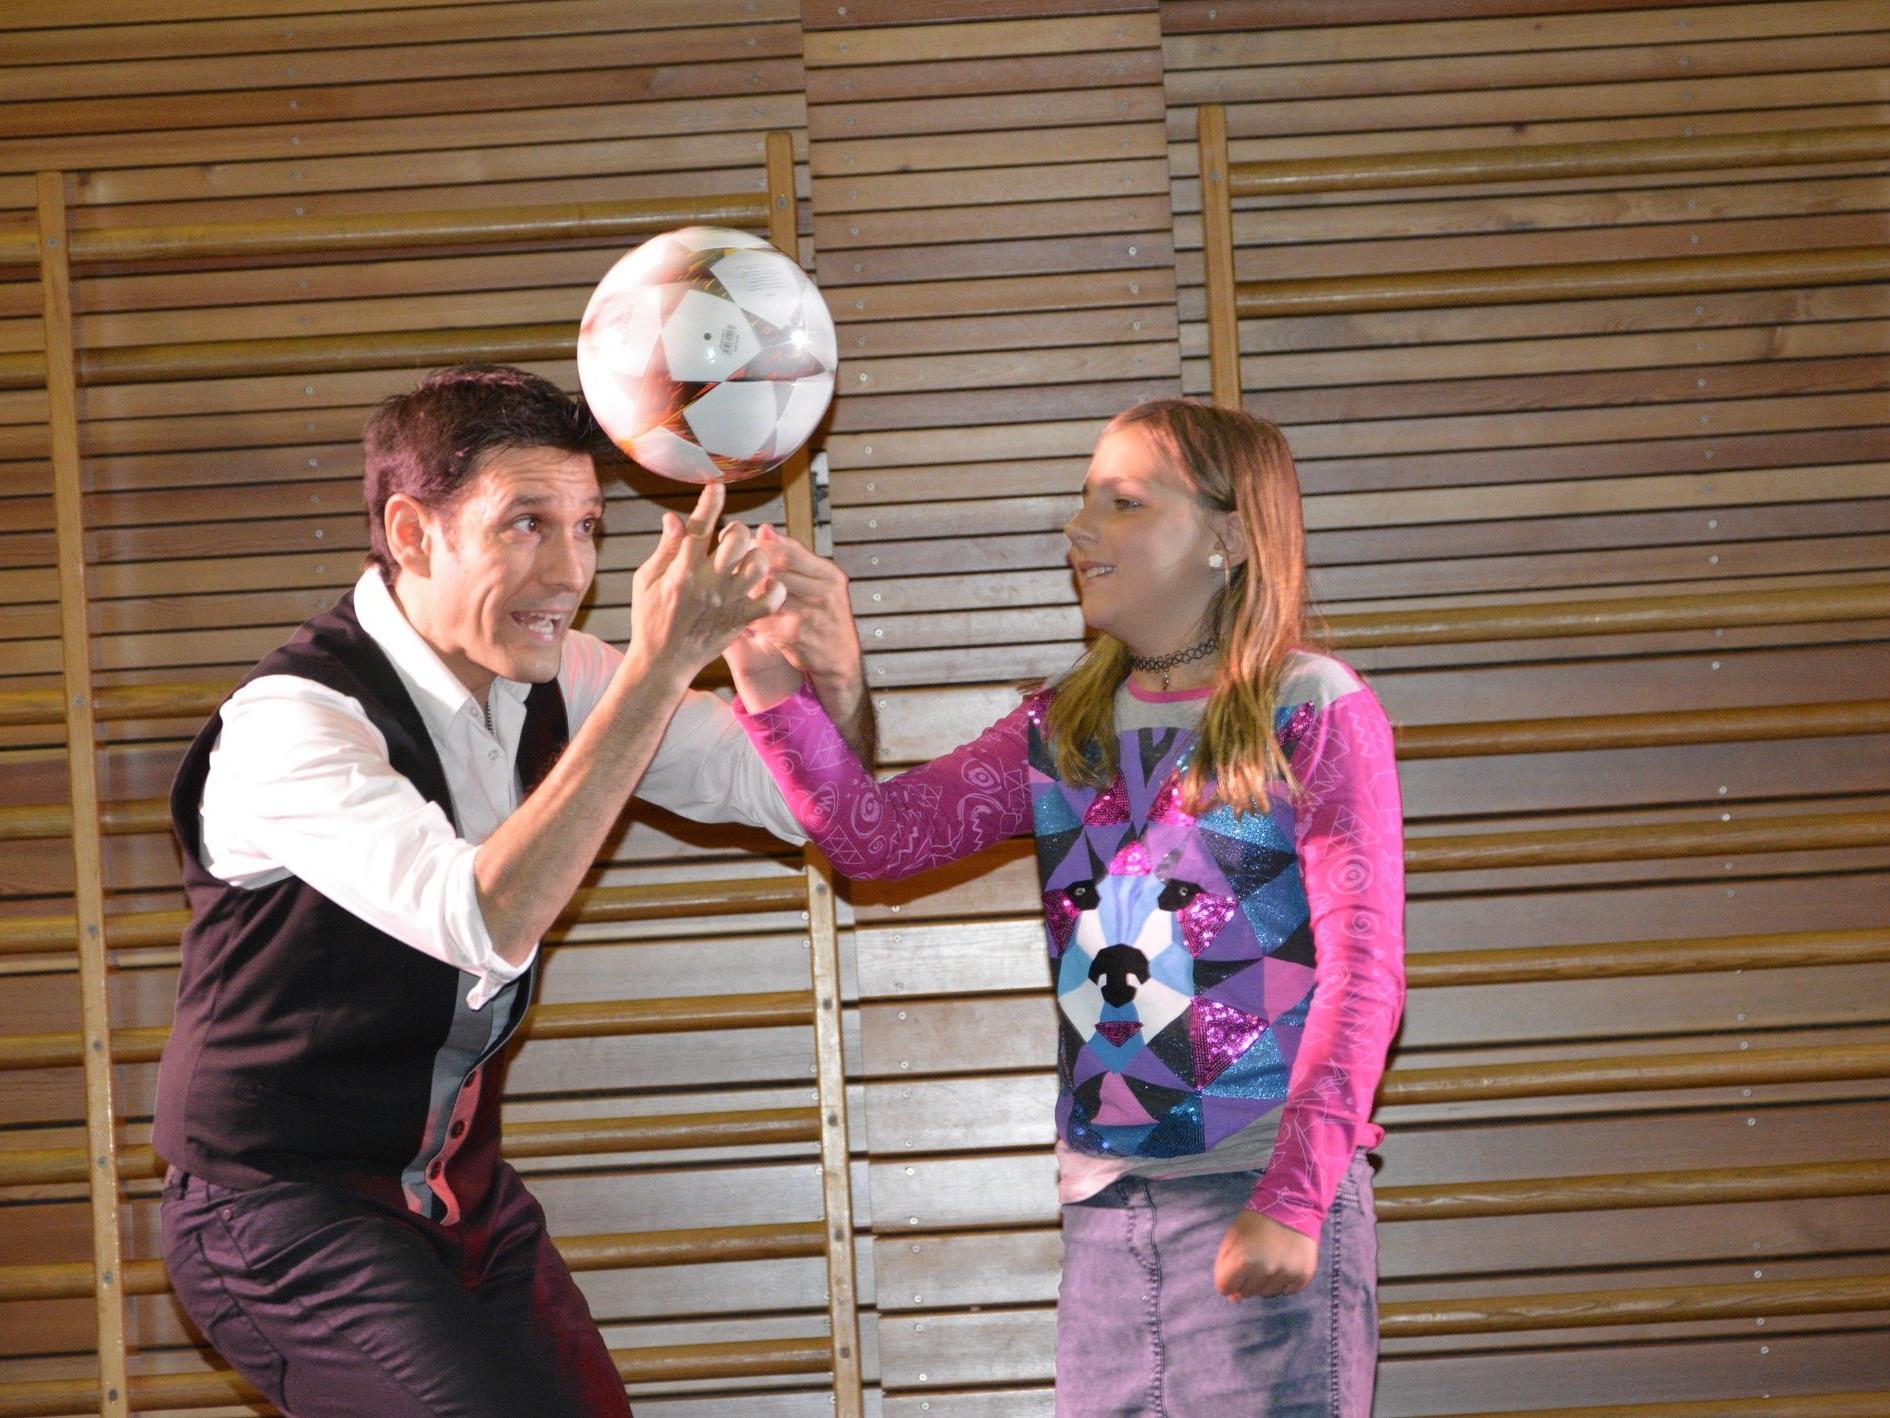 Beim Auftritt in der VS Rheindorf ließ Paul Ponce auch die Kinder teilhaben.